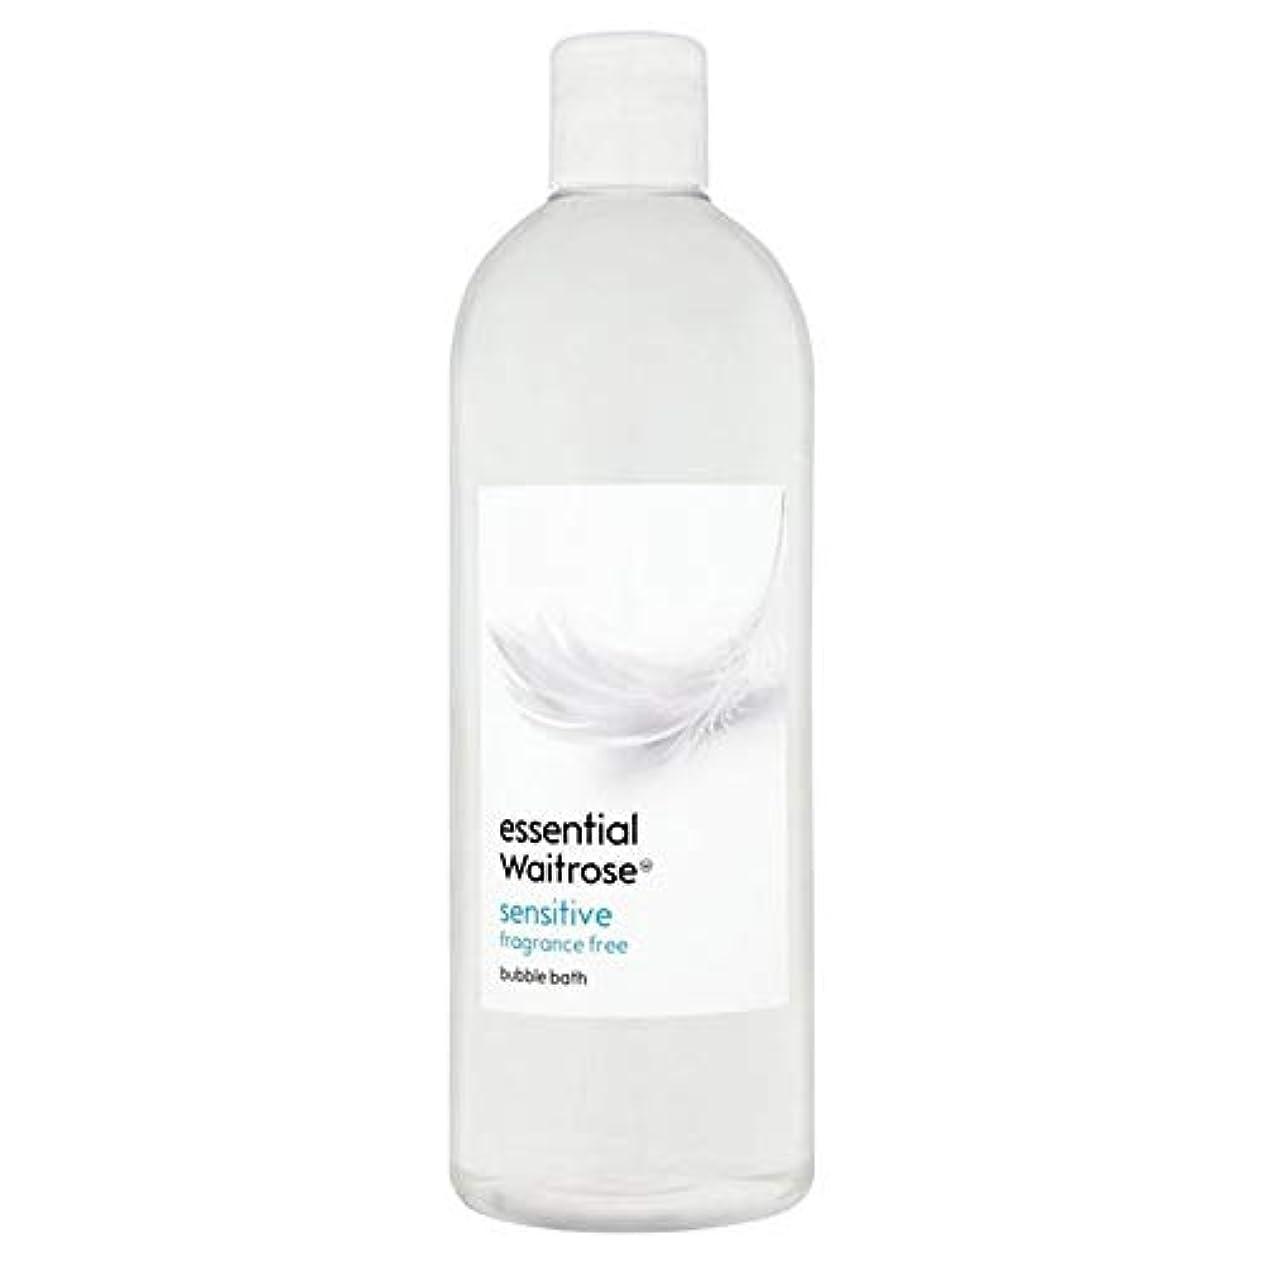 内部ゆでる崇拝します[Waitrose ] 基本的なウェイトローズ泡風呂に敏感な750ミリリットル - Essential Waitrose Bubble Bath Sensitive 750ml [並行輸入品]